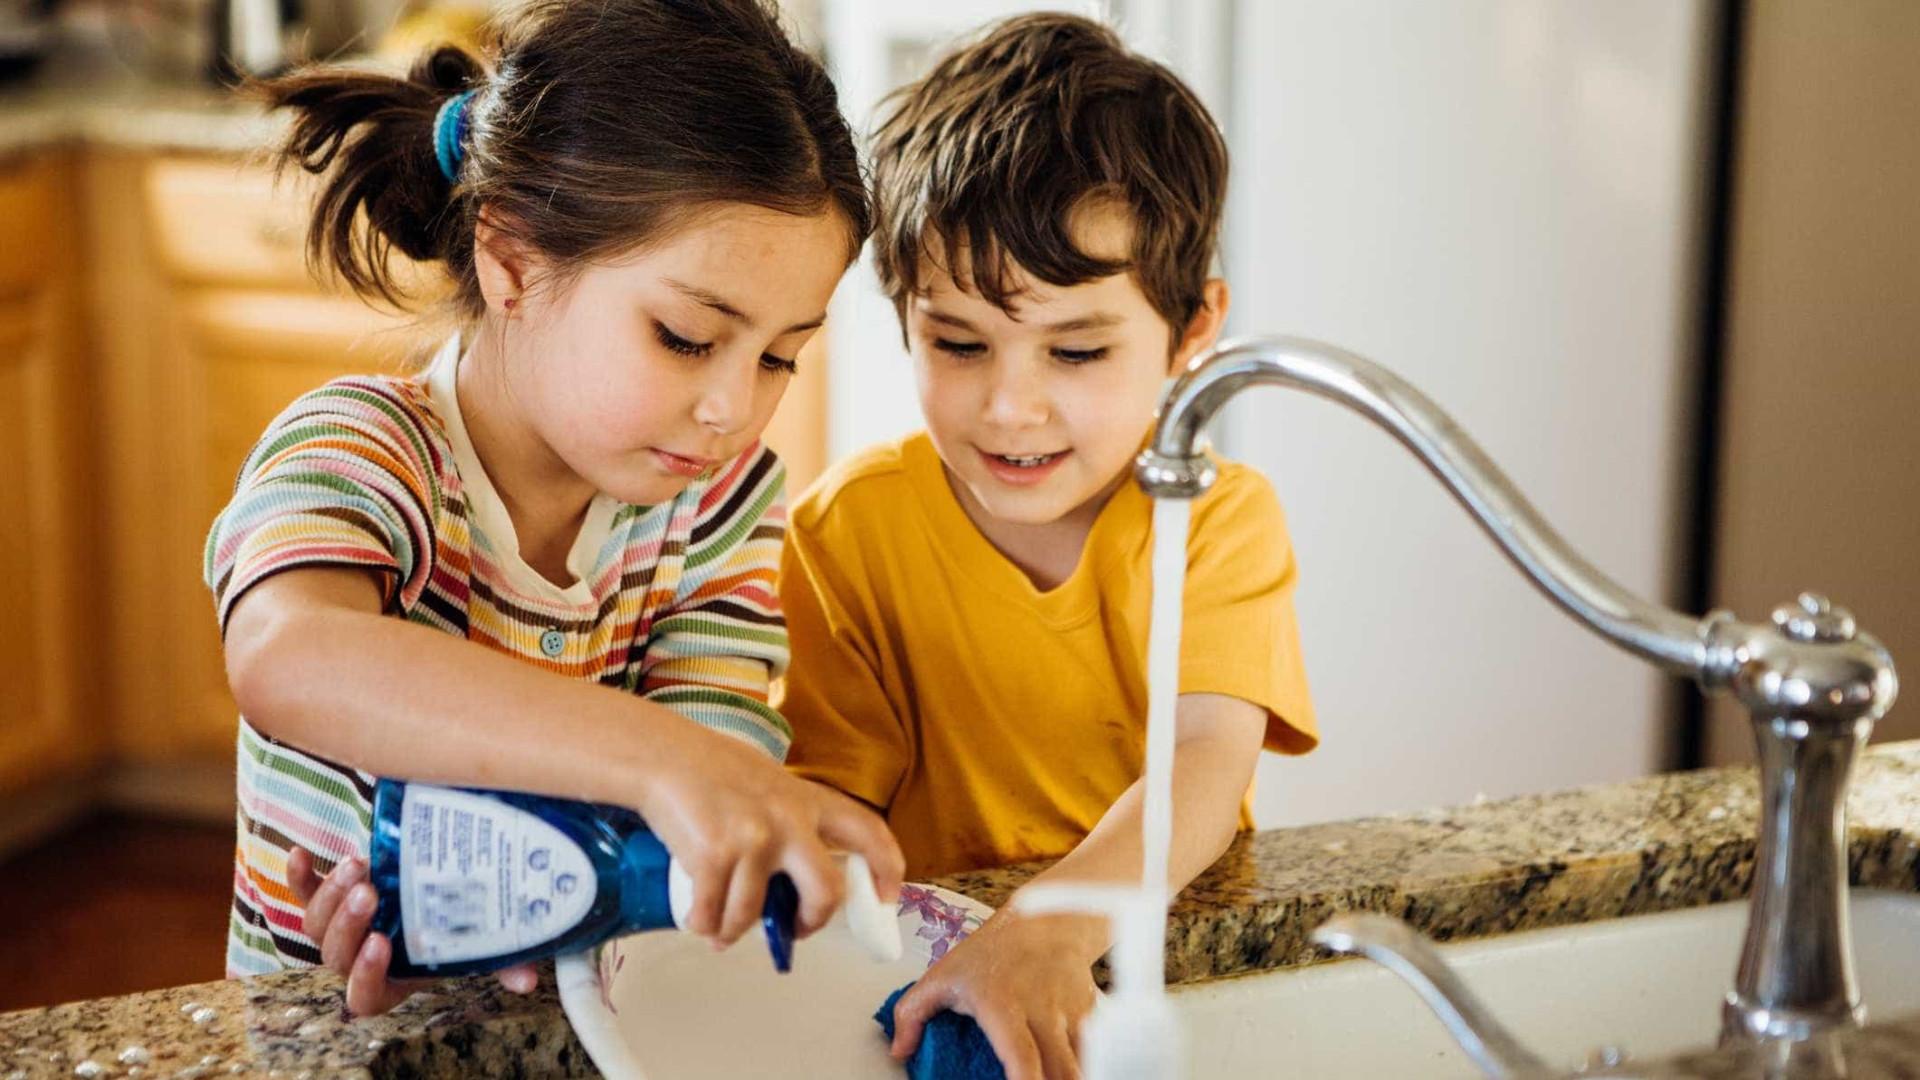 Cinco conselhos simples para criar bons filhos, segundo Harvard